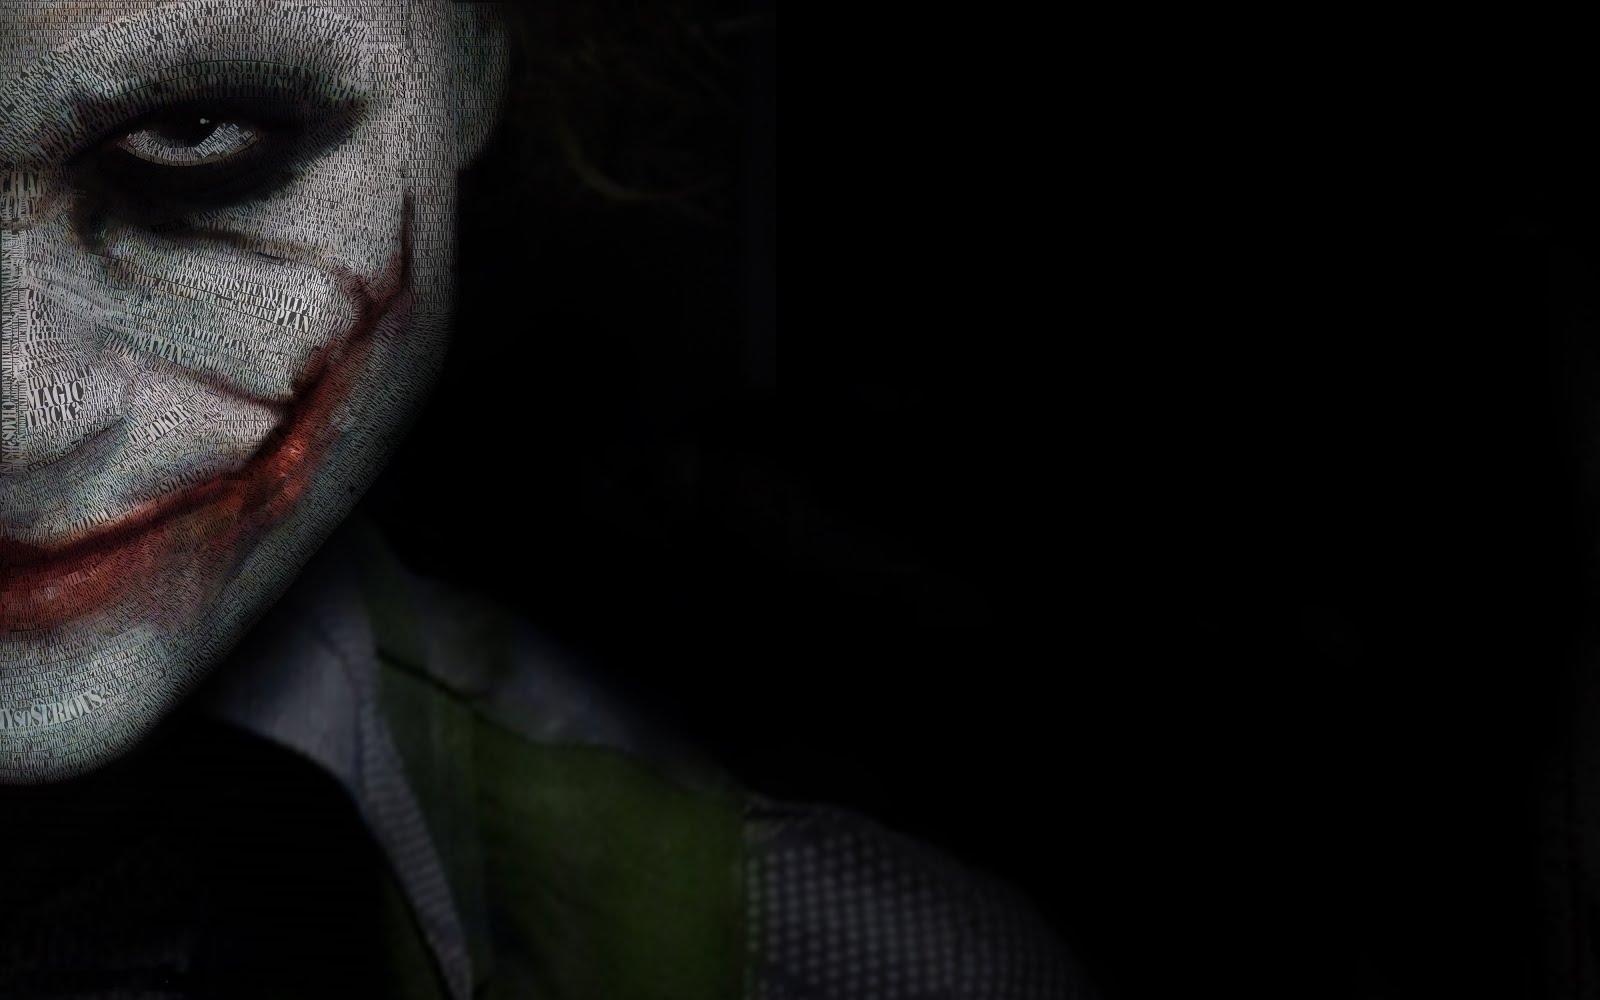 High Resolution Joker And Batman Wallpaper Movie Wallpaper